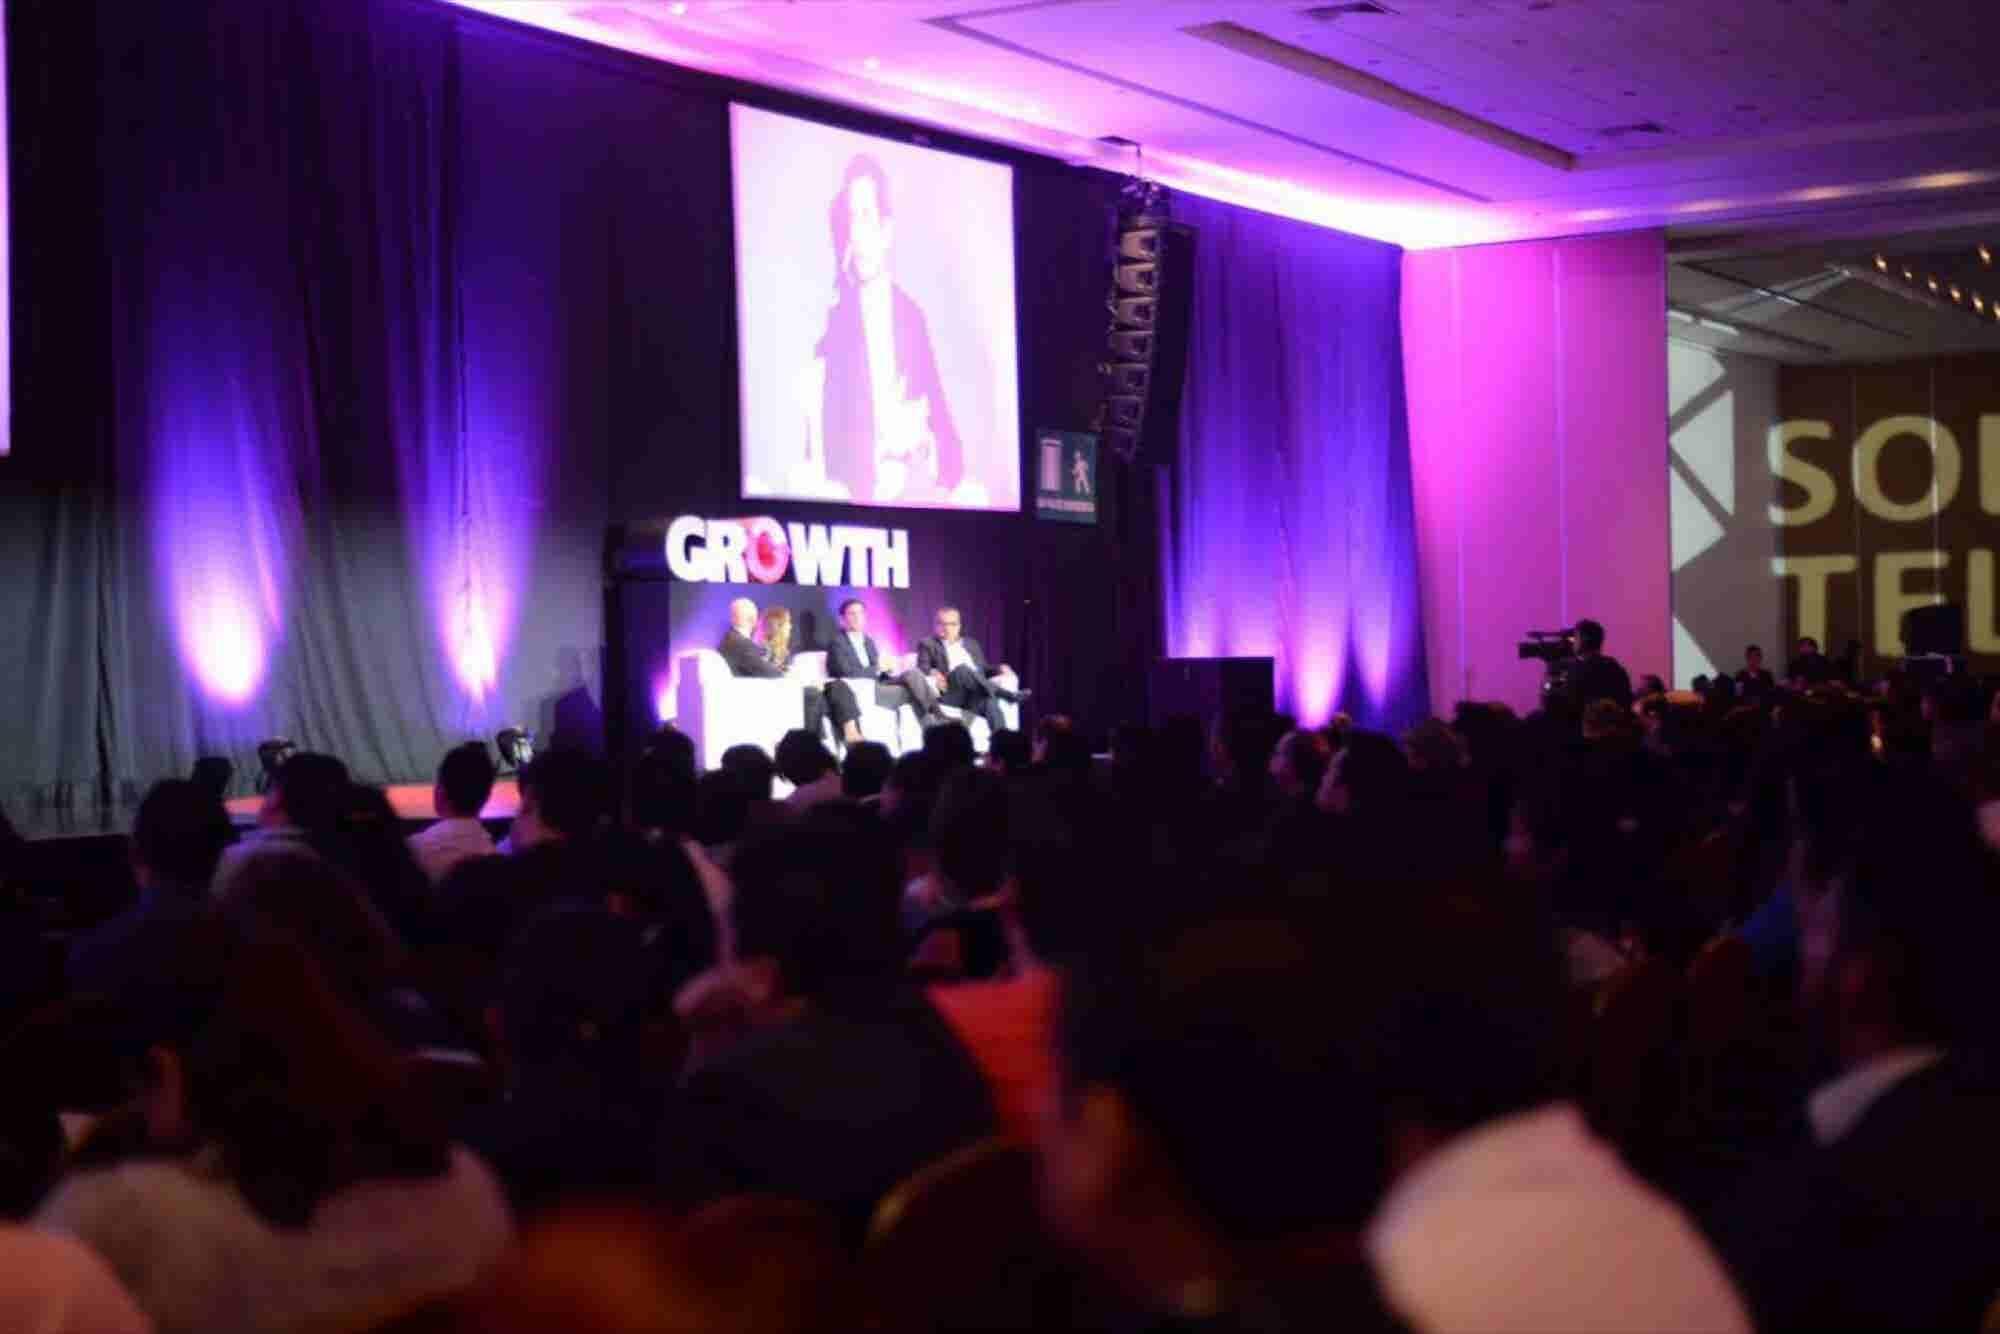 Video: Las lecciones que dejó Entrepreneur Growth 2016